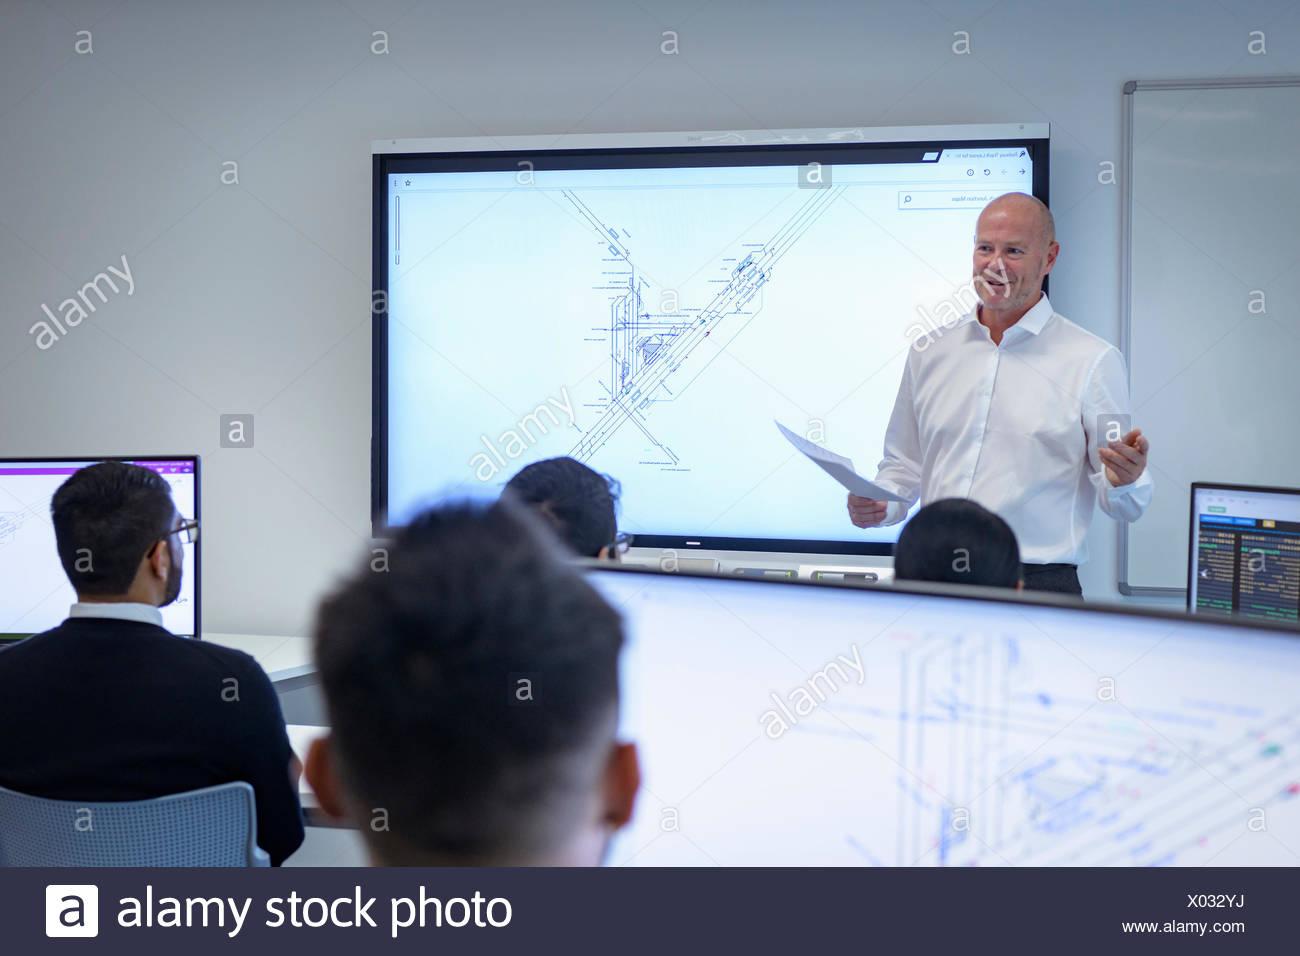 Insegnante con apprendisti studiando le schermate in railway engineering facility Immagini Stock